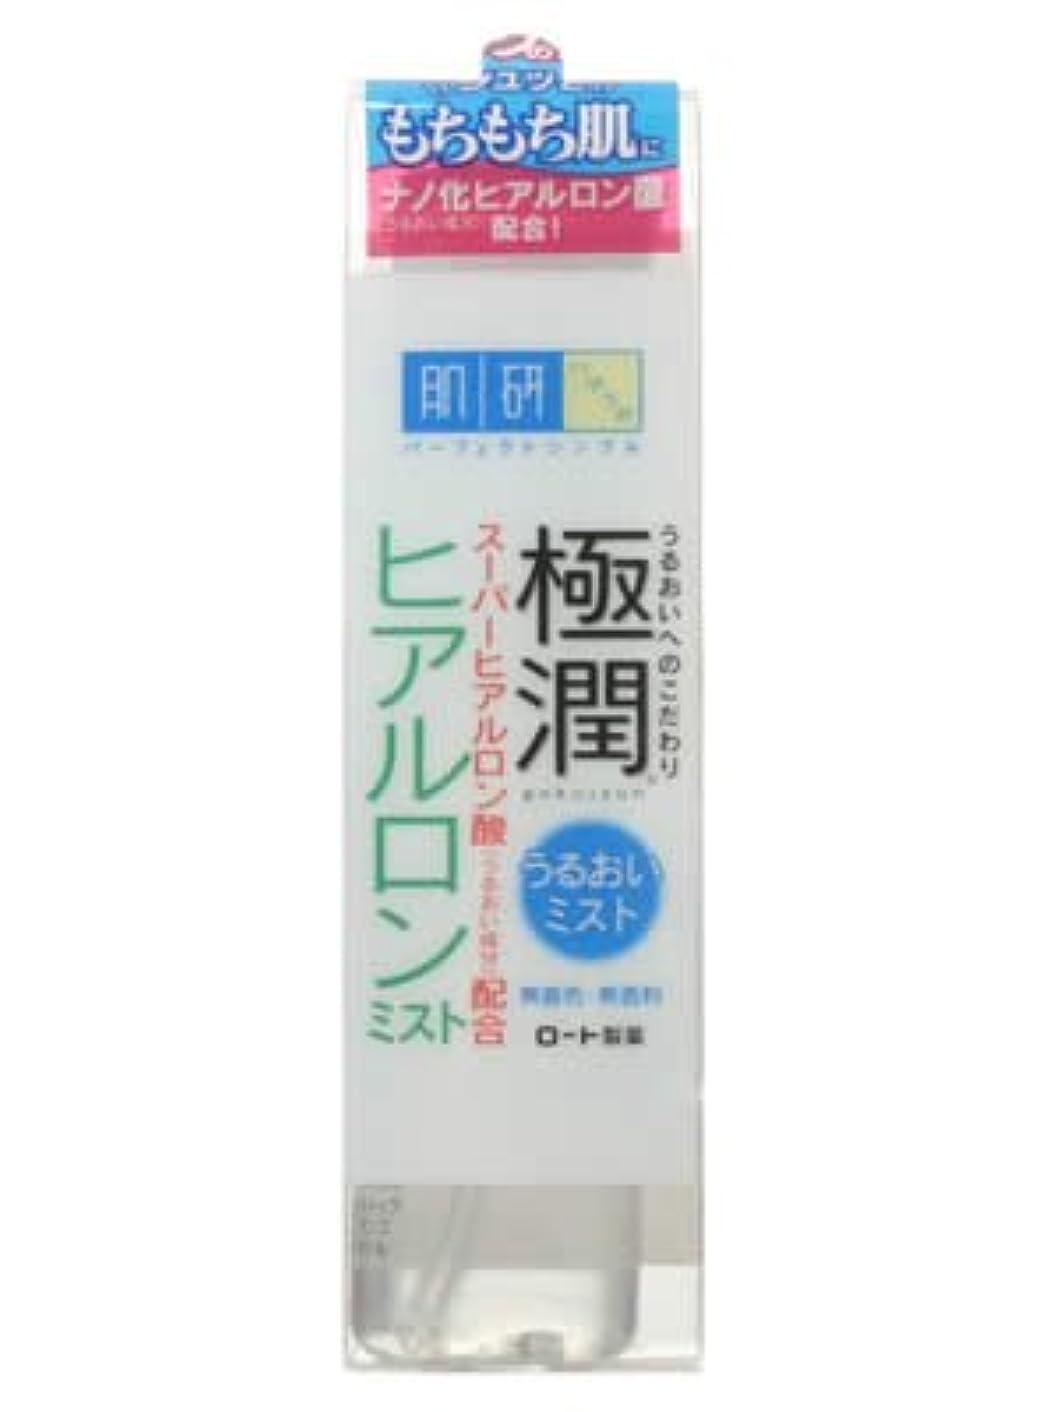 マイナーマウントバンク敵肌研 極潤ヒアルロンミスト 45ml